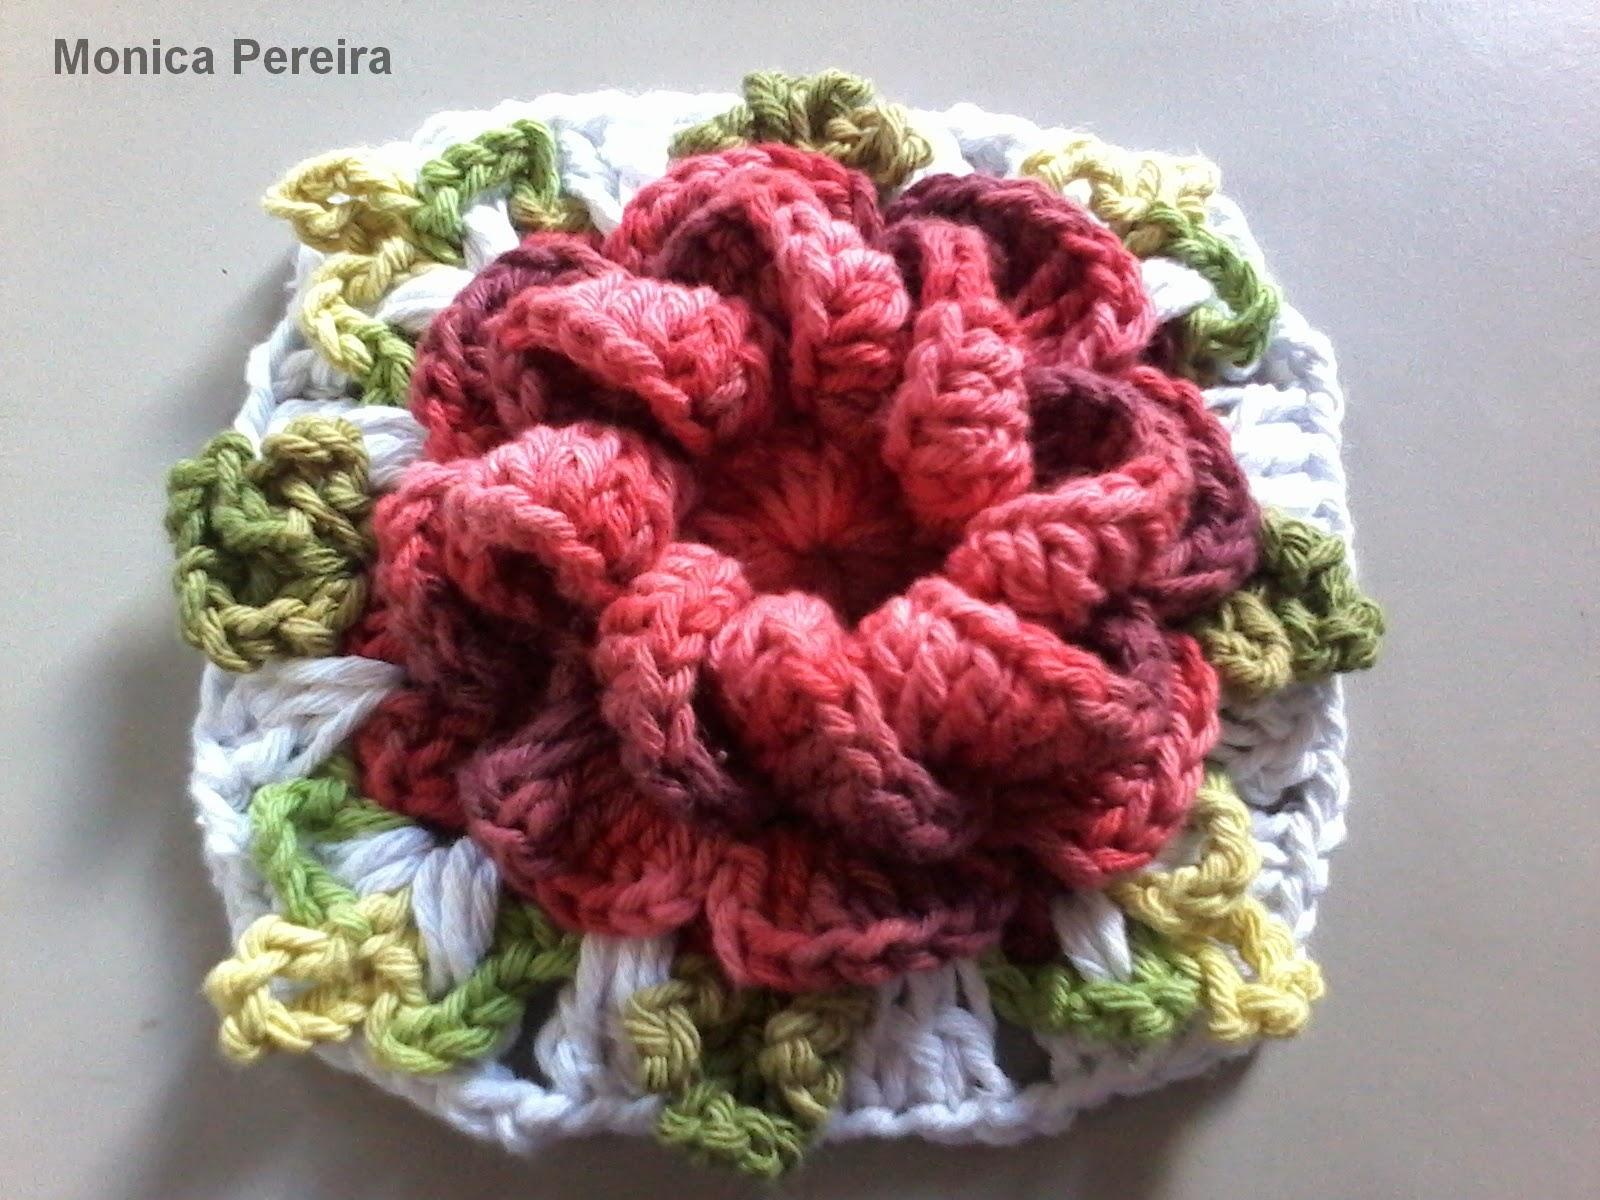 Artesanato Mony Crochê Com Amor: Jogo de Banheiro Vermelho e Branco #A02B3C 1600x1200 Banheiro Branco Vermelho